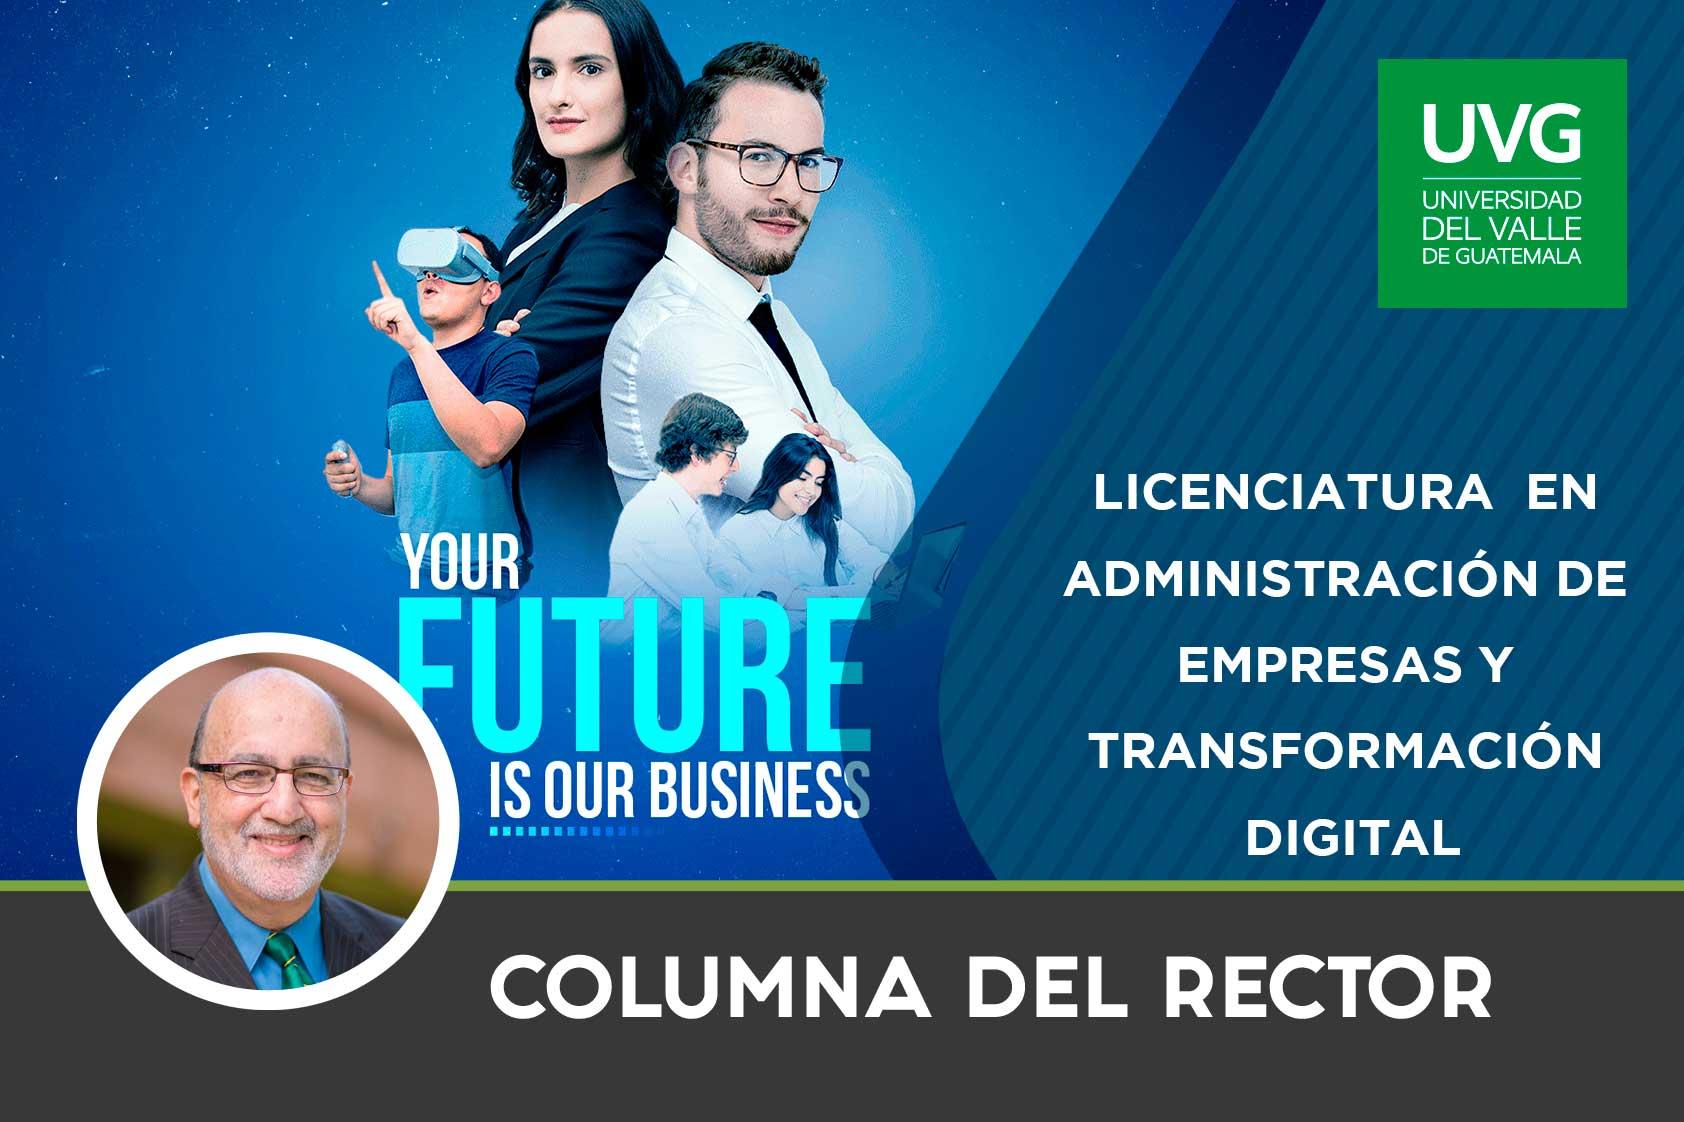 Licenciatura en Administración de Empresas y Transformación Digital